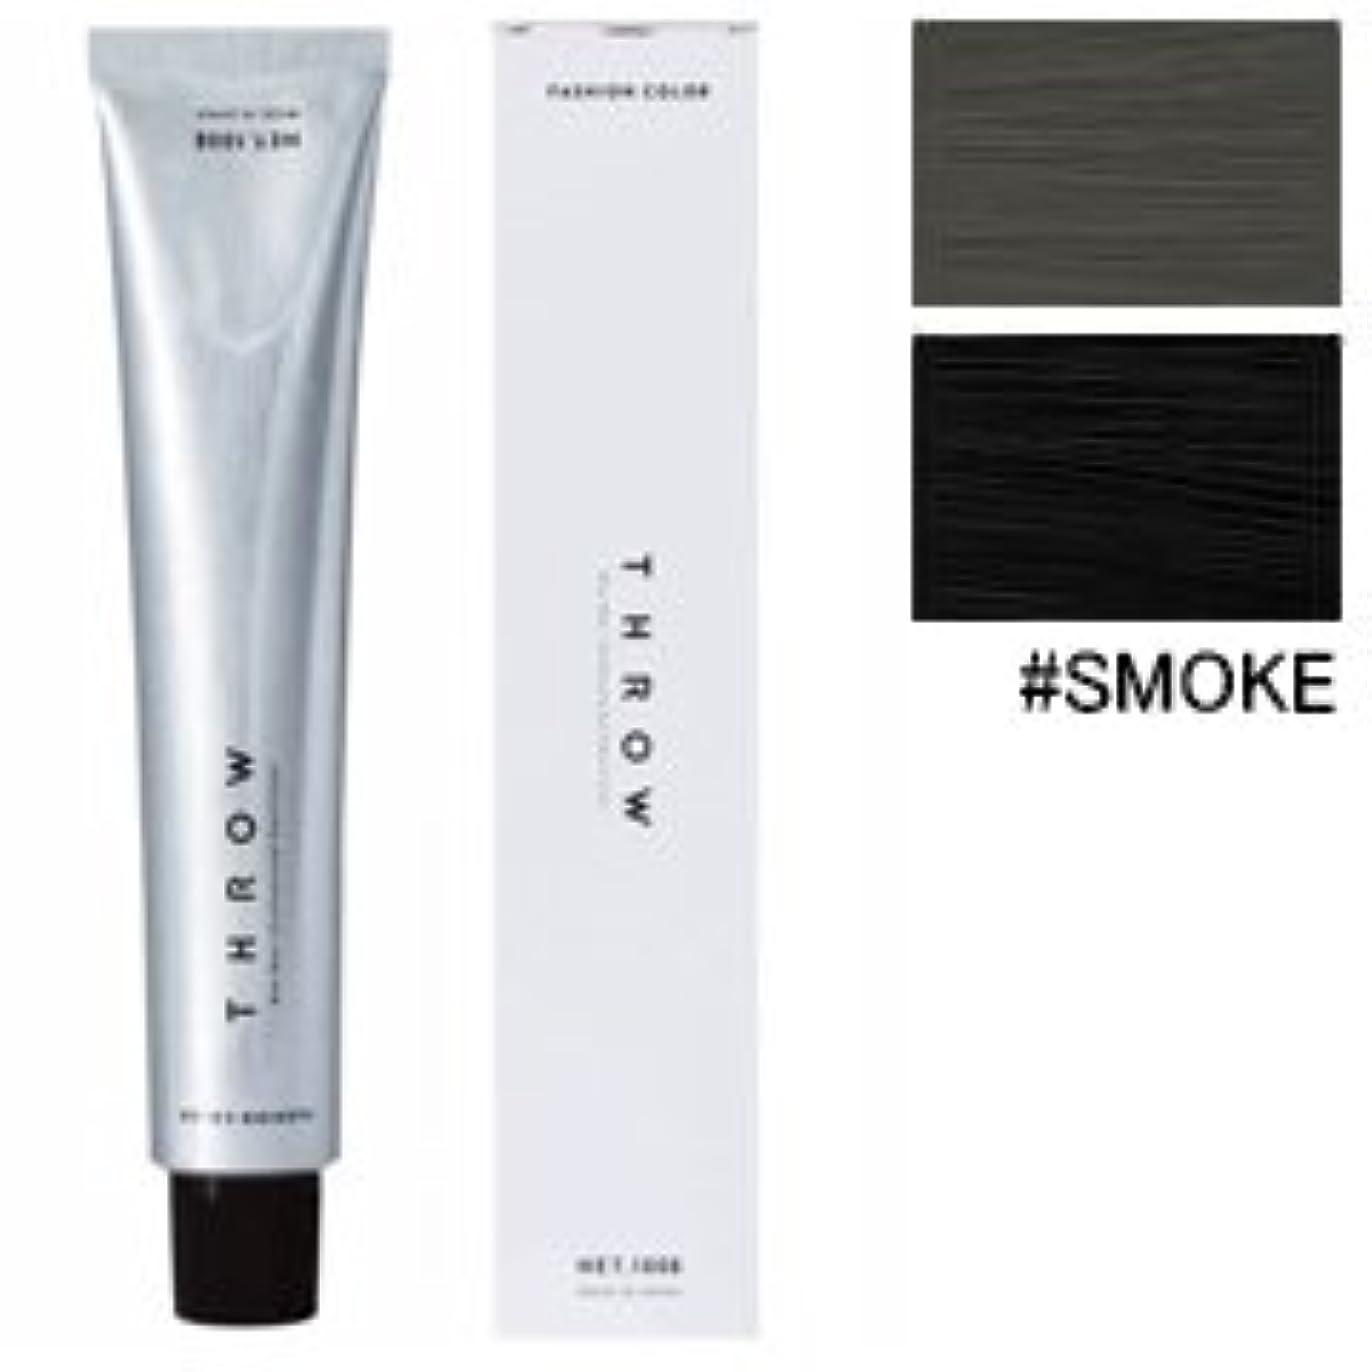 ボンド版粉砕する【モルトベーネ】スロウ ファッションカラー #SMOKE 100g